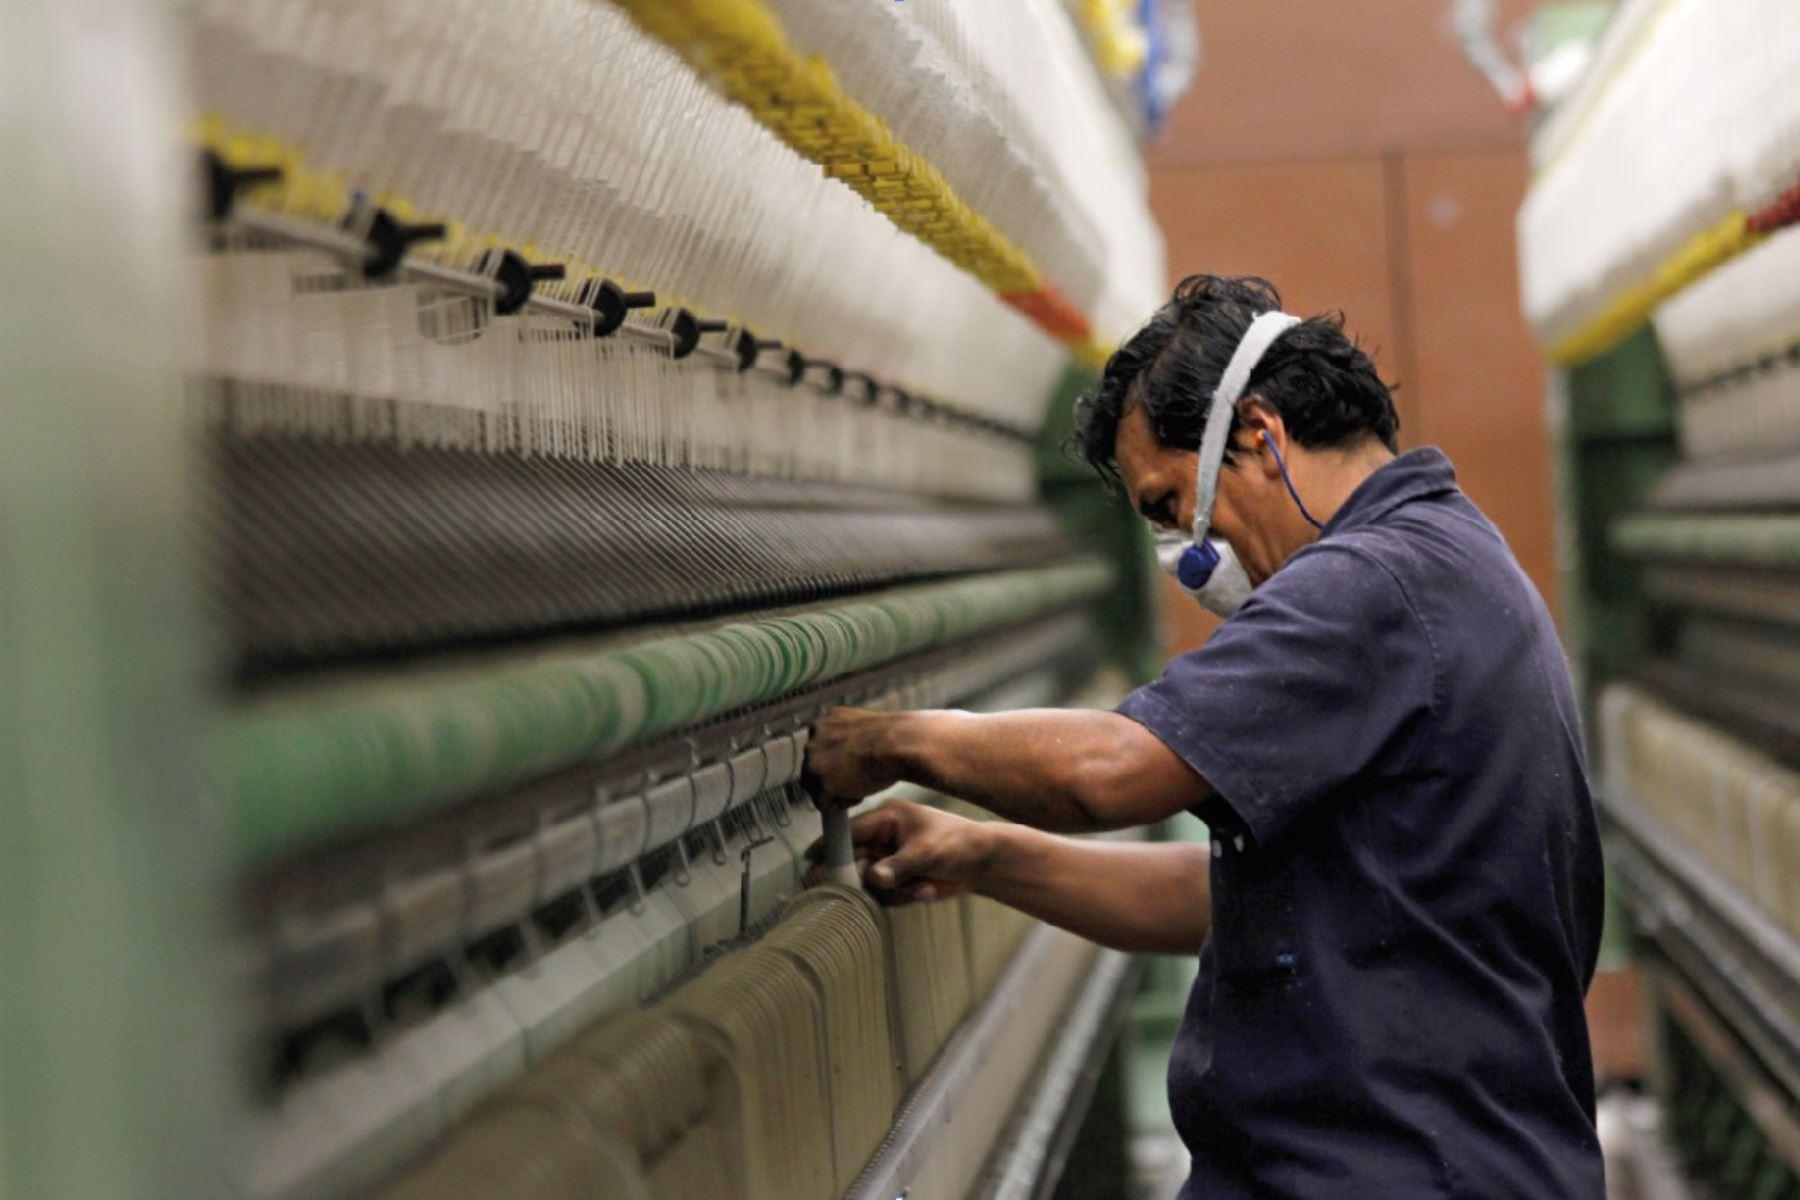 El 89.3% de industrias prevé aumentar su producción en primer trimestre del año